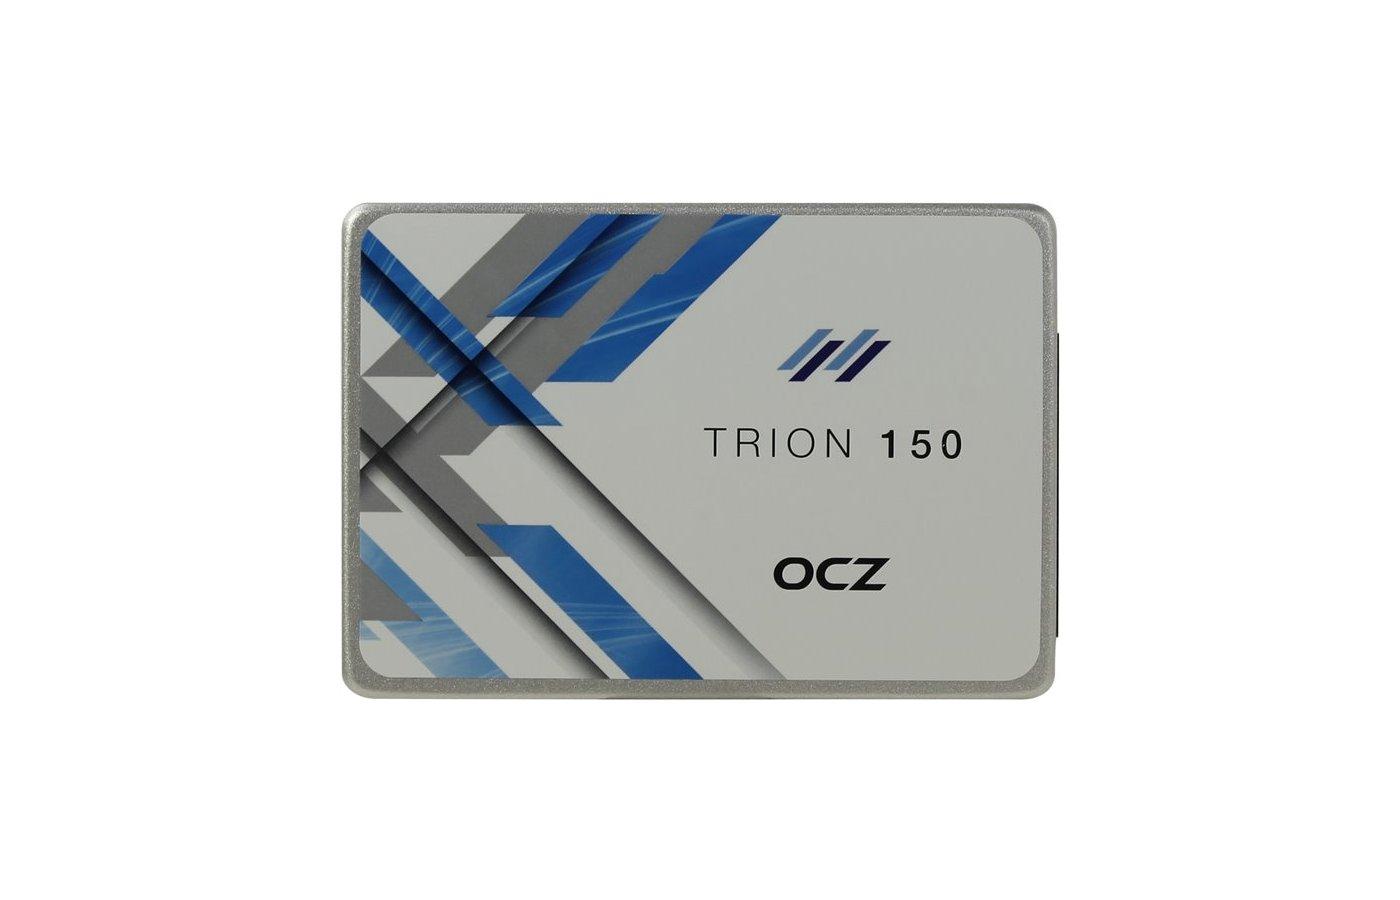 """SSD жесткий диск OCZ Original SATA III 480Gb TRN150-25SAT3-480G Trion 150 2.5"""""""